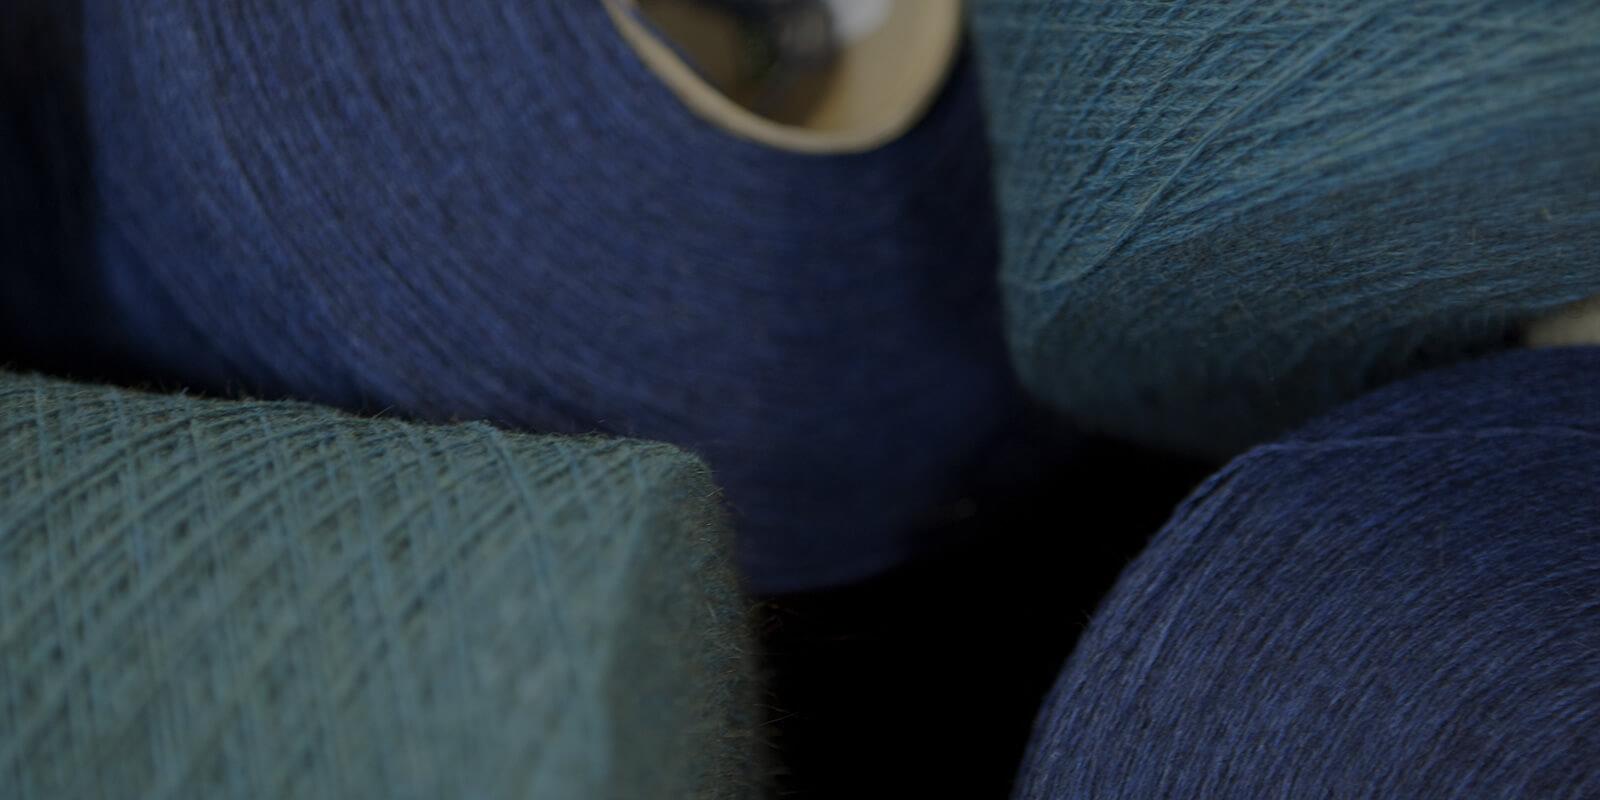 spools of blue yarn